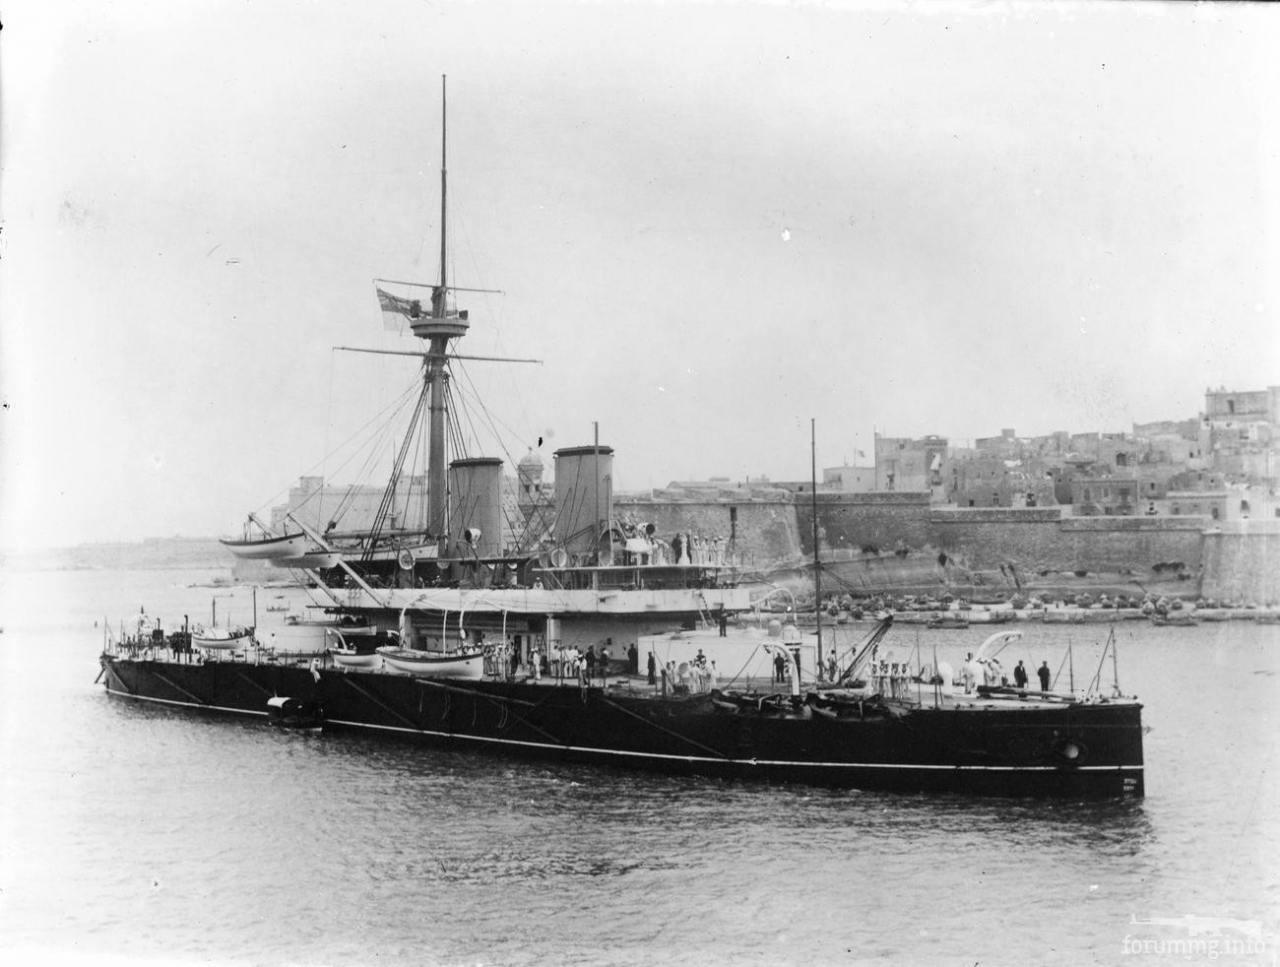 113652 - Броненосцы, дредноуты, линкоры и крейсера Британии